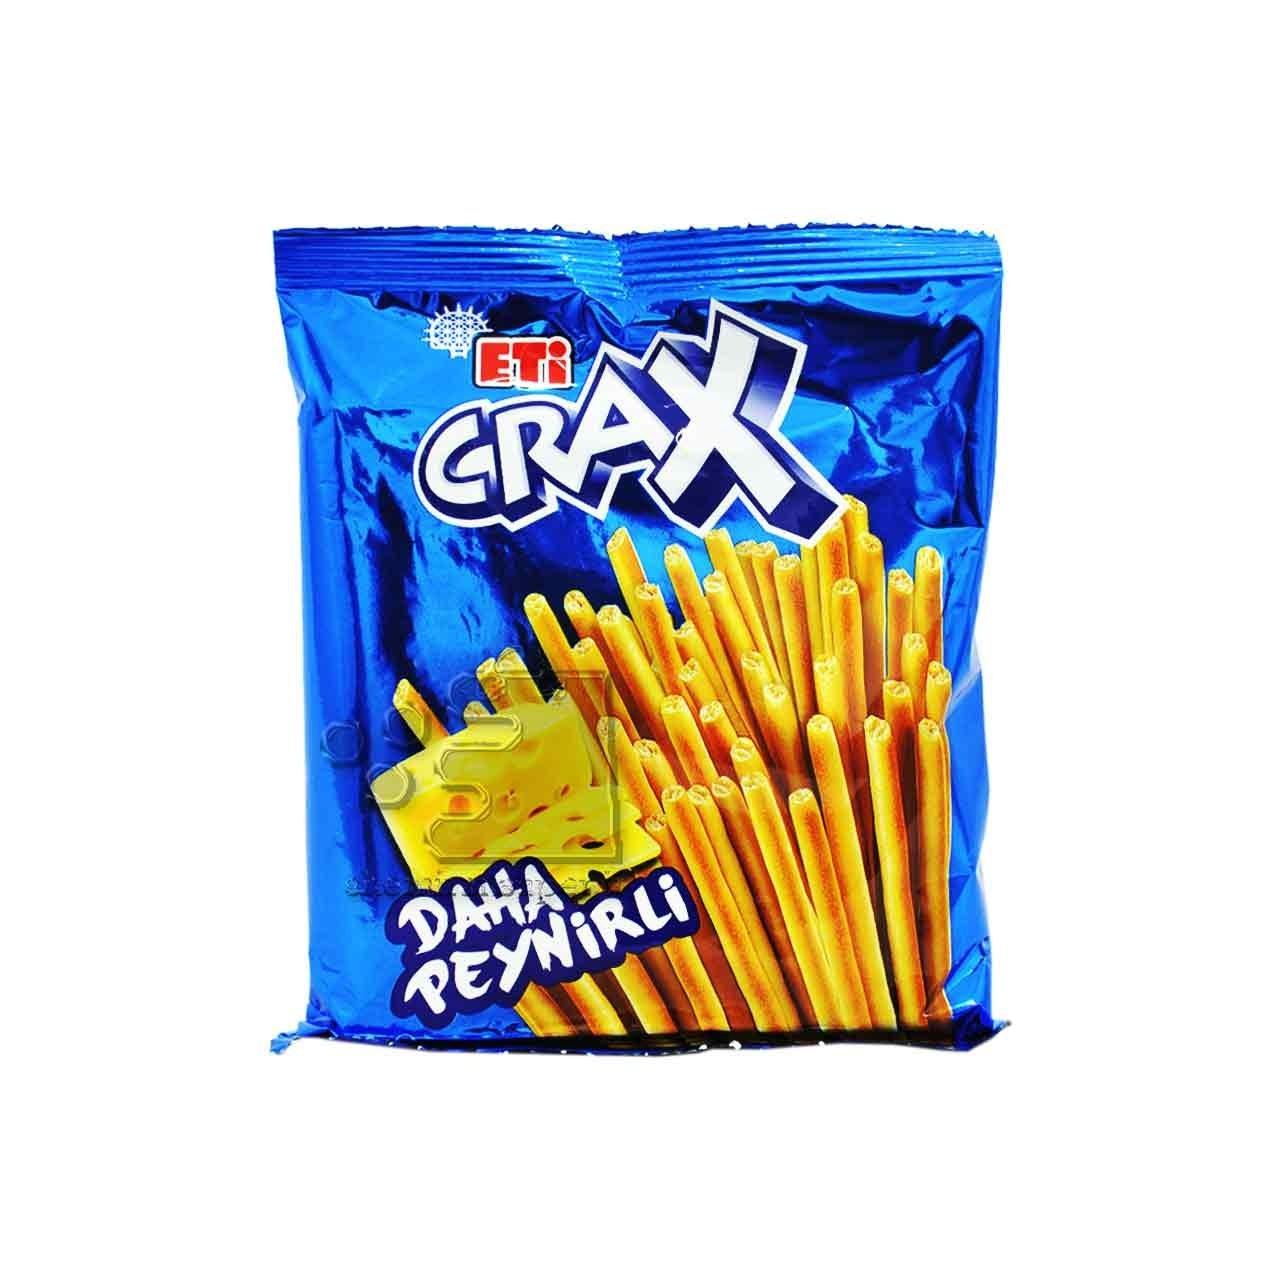 تصویر چوب شور پنیری ۸۰ گرم کراکس اتی – crax